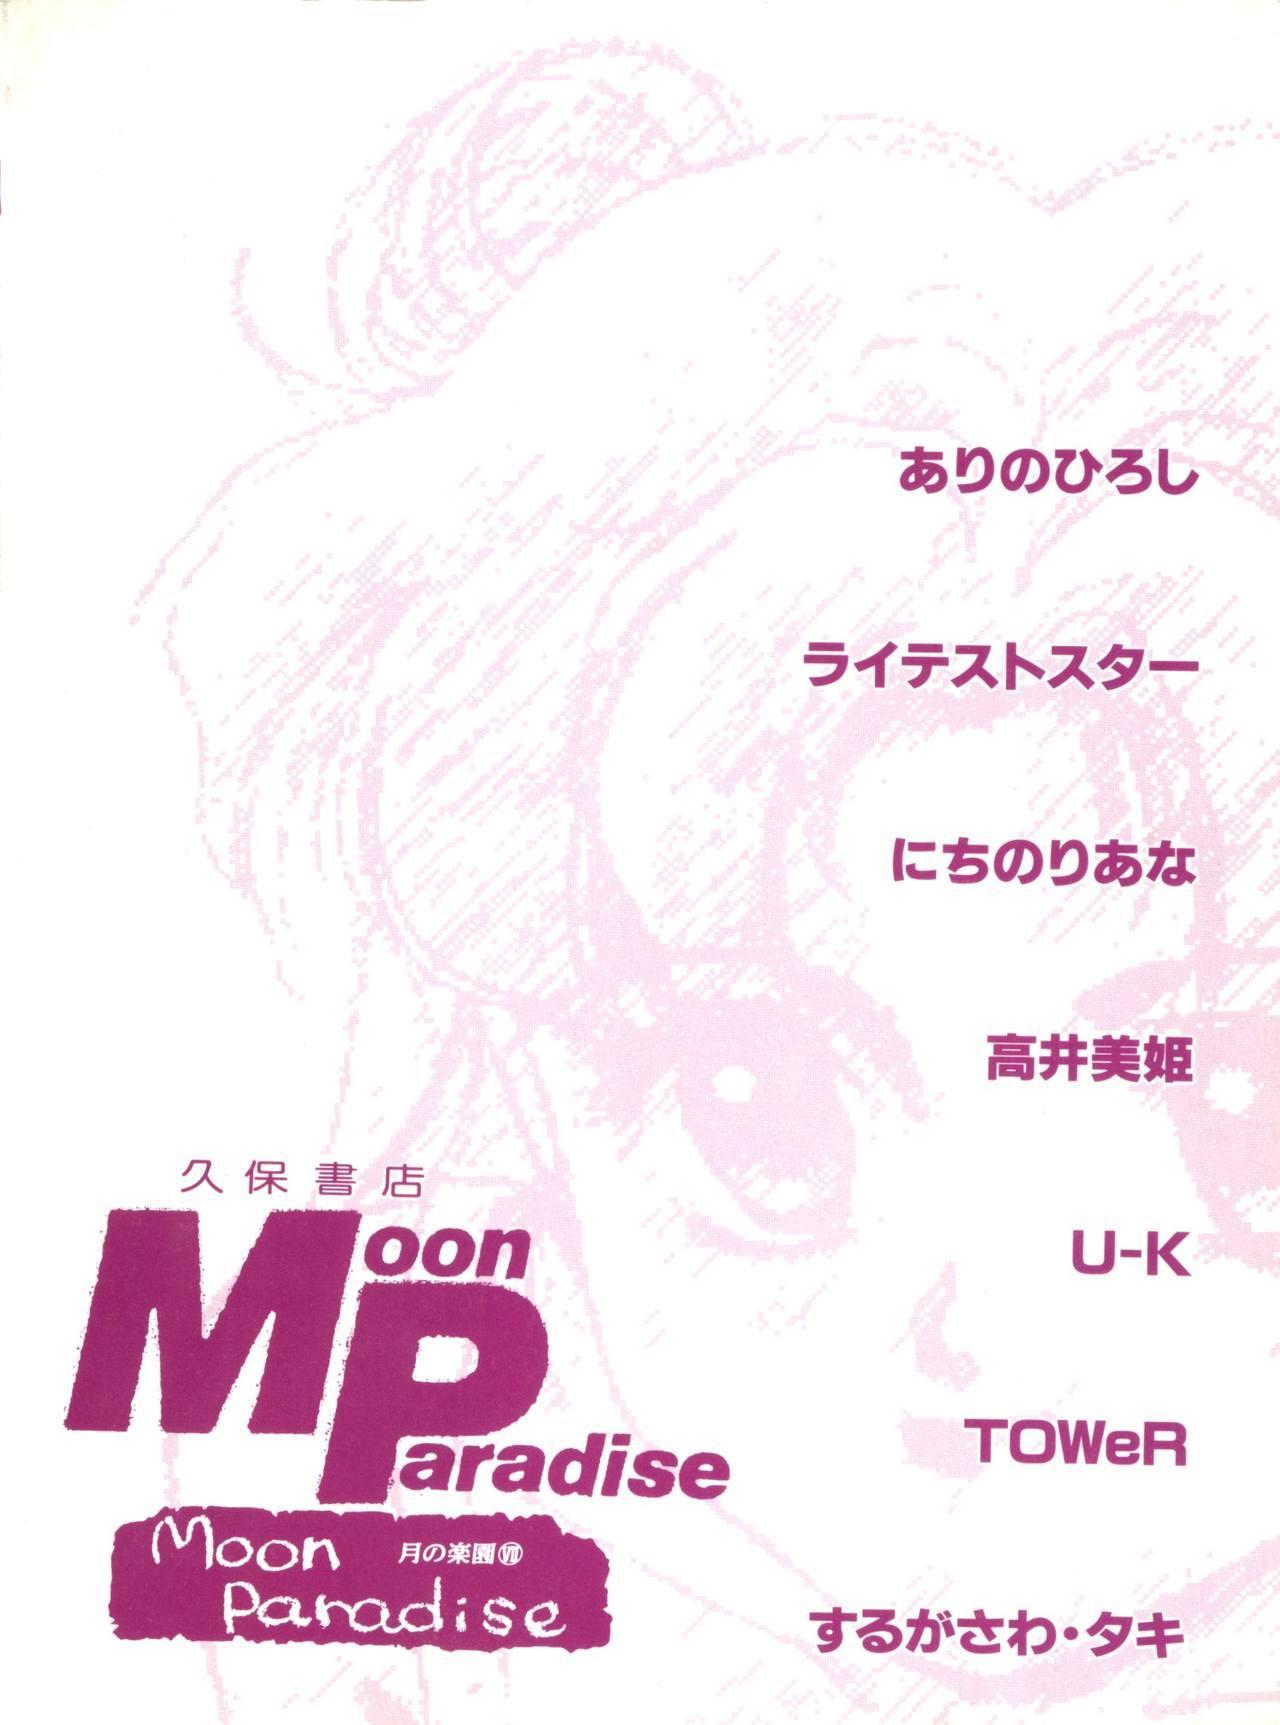 Bishoujo Doujinshi Anthology 12 - Moon Paradise 7 Tsuki no Rakuen 150